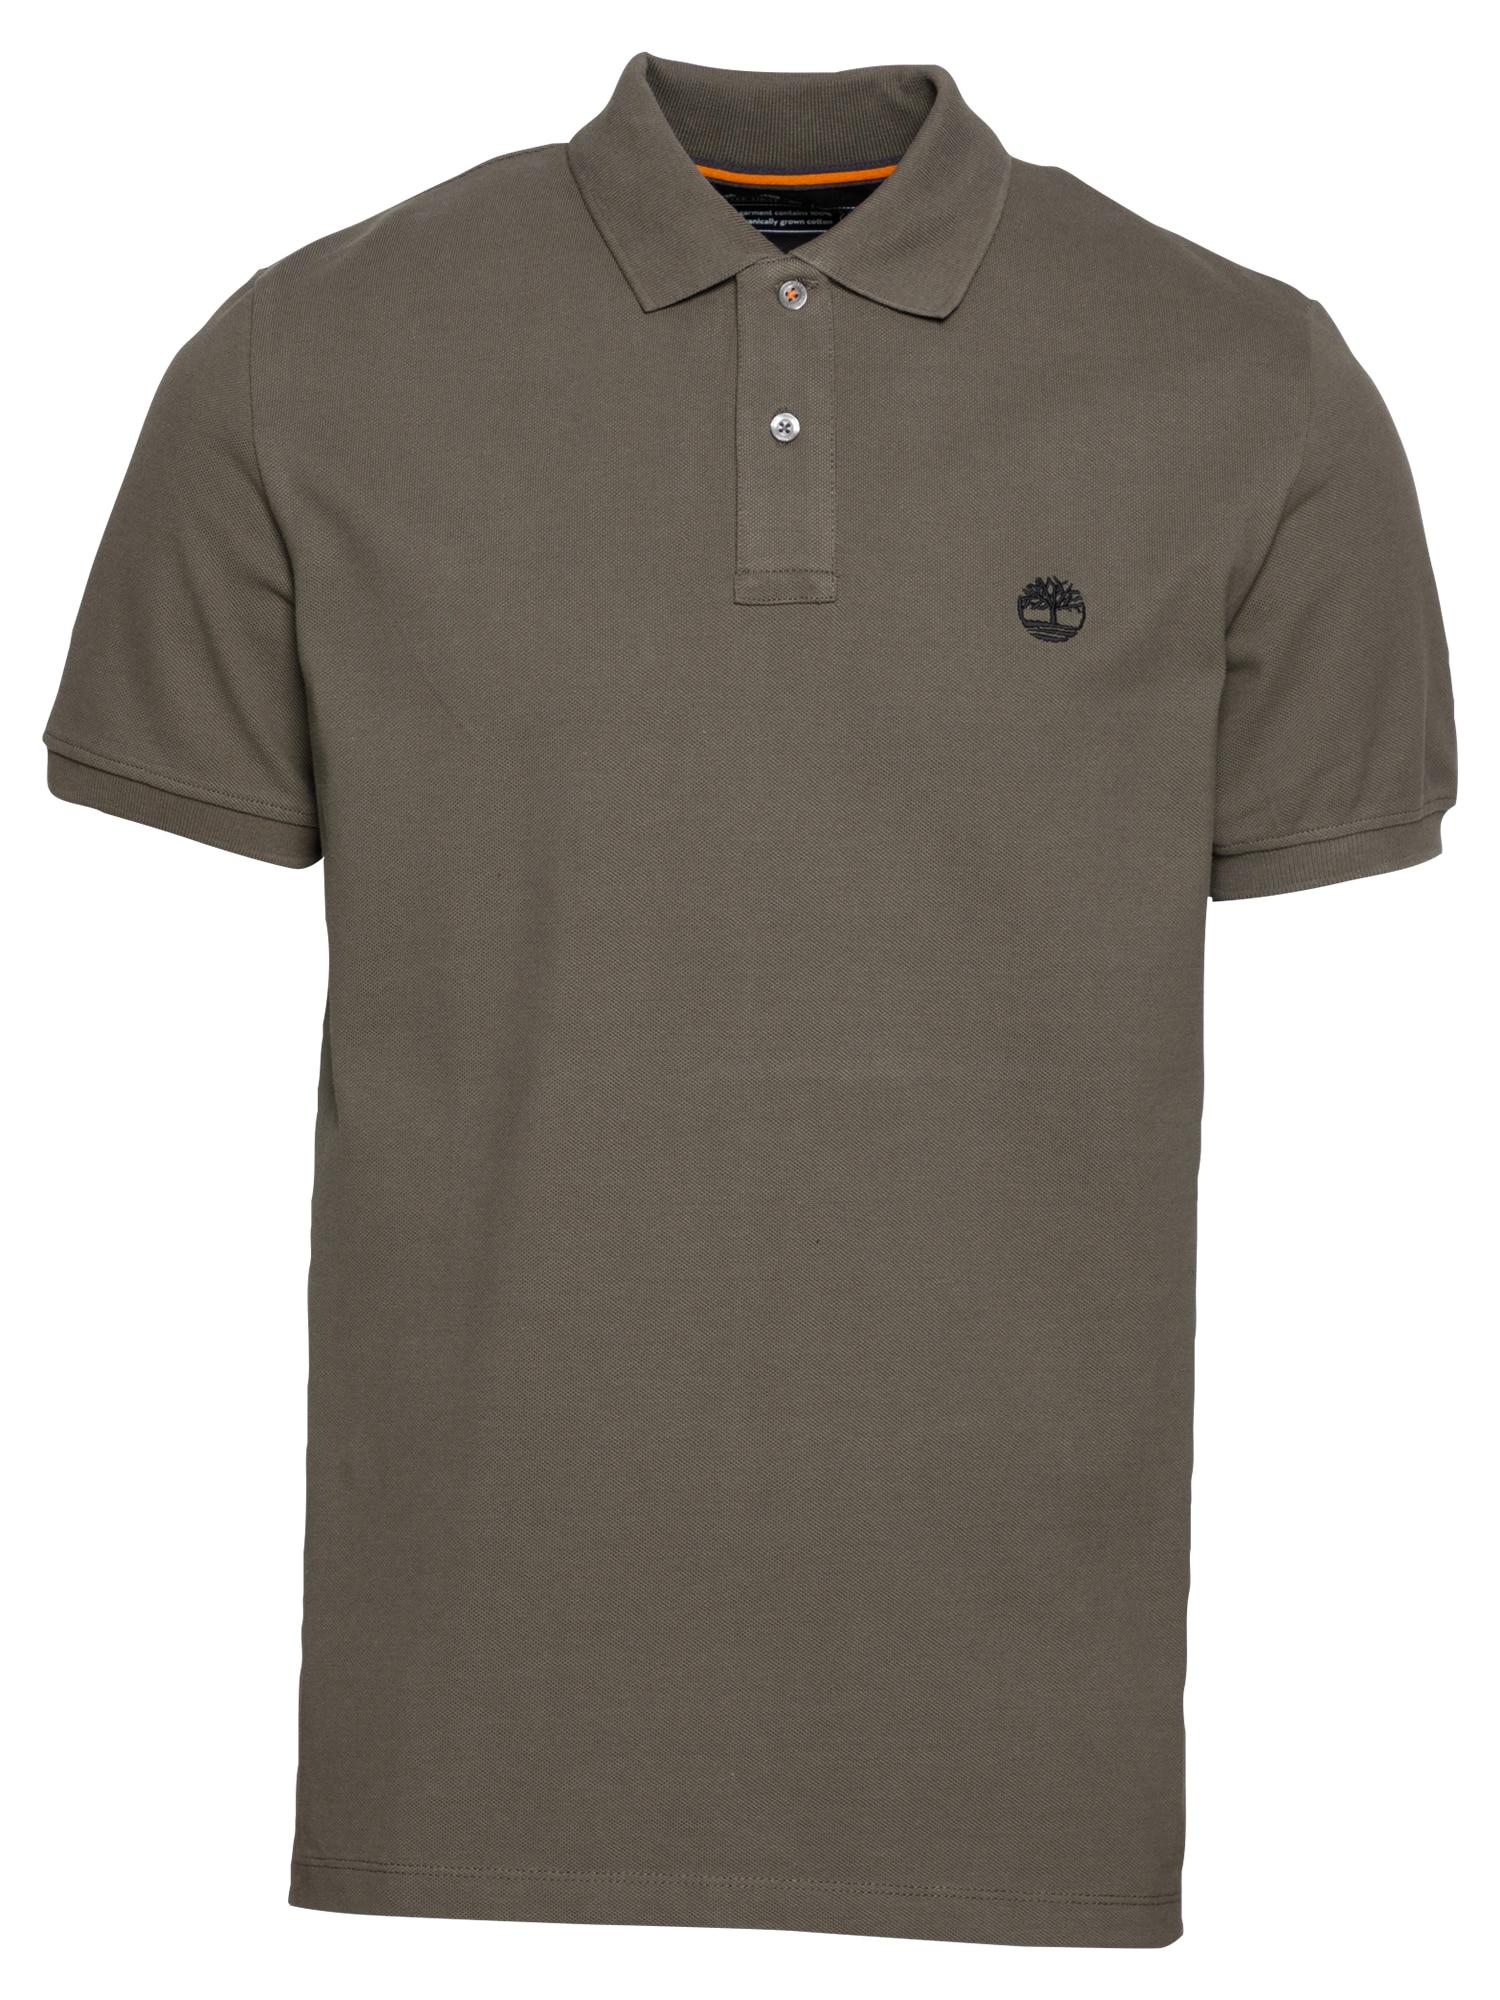 TIMBERLAND Marškinėliai alyvuogių spalva